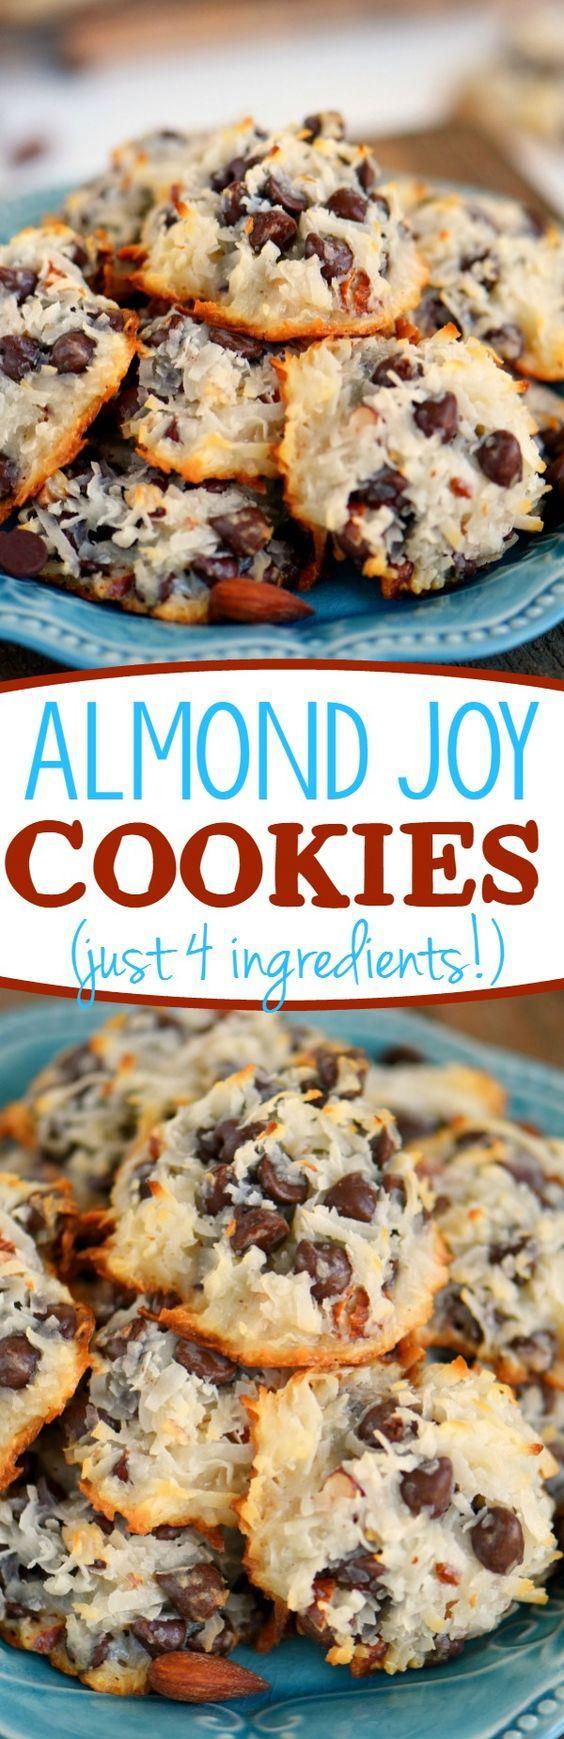 Almond Joy Cookies – Just 4 Ingredients